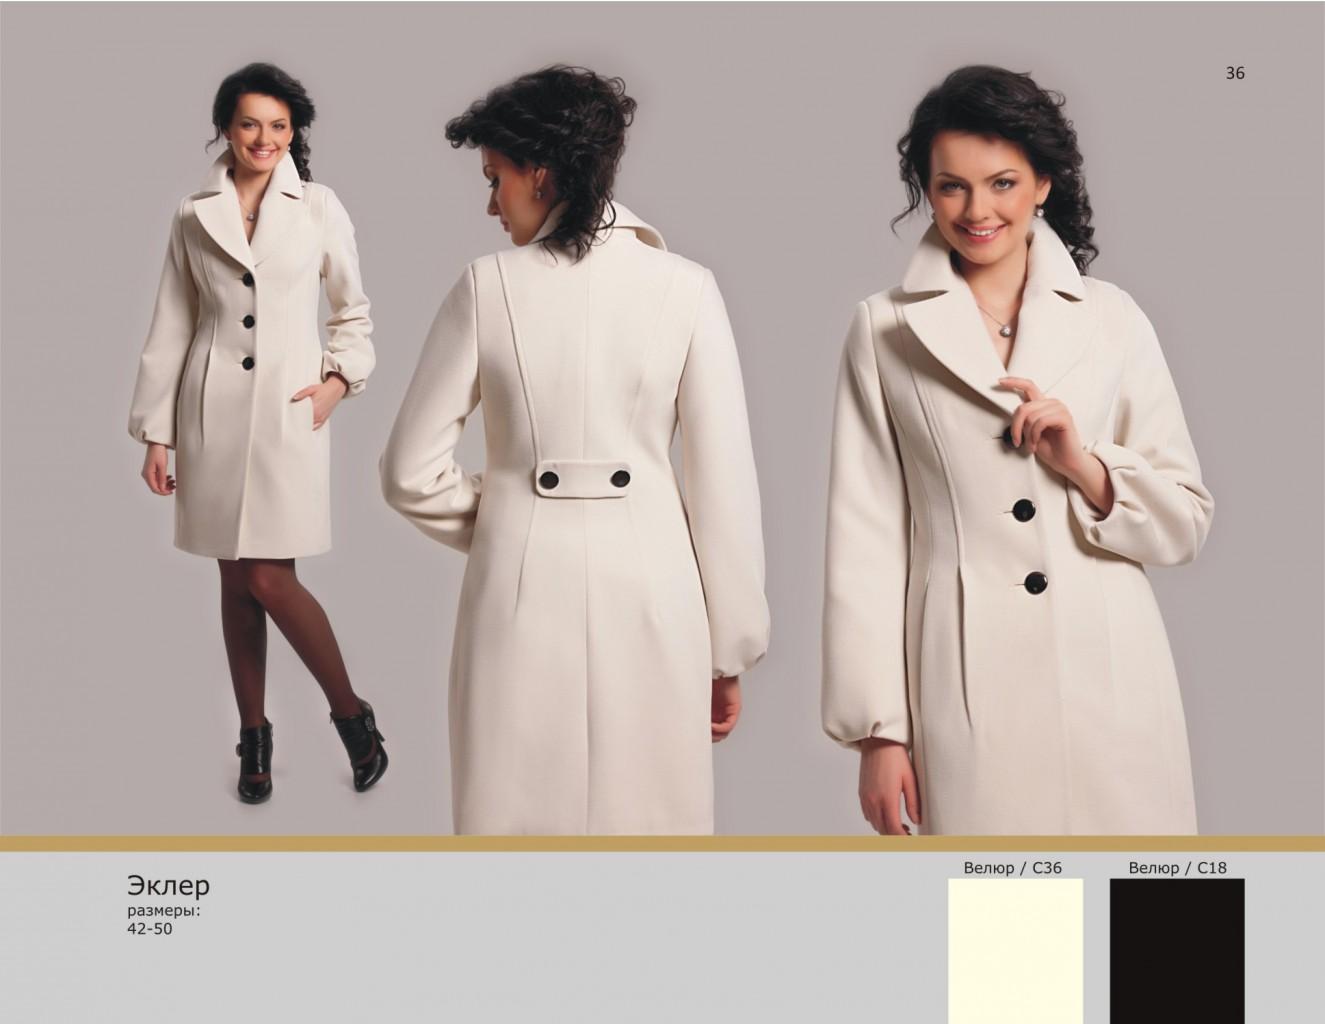 Сбор заказов. Яркие, молодежные, стильные пальто по супер ценам! Напрямую от производителя. С 42 по 60 размер. Без рядов-1